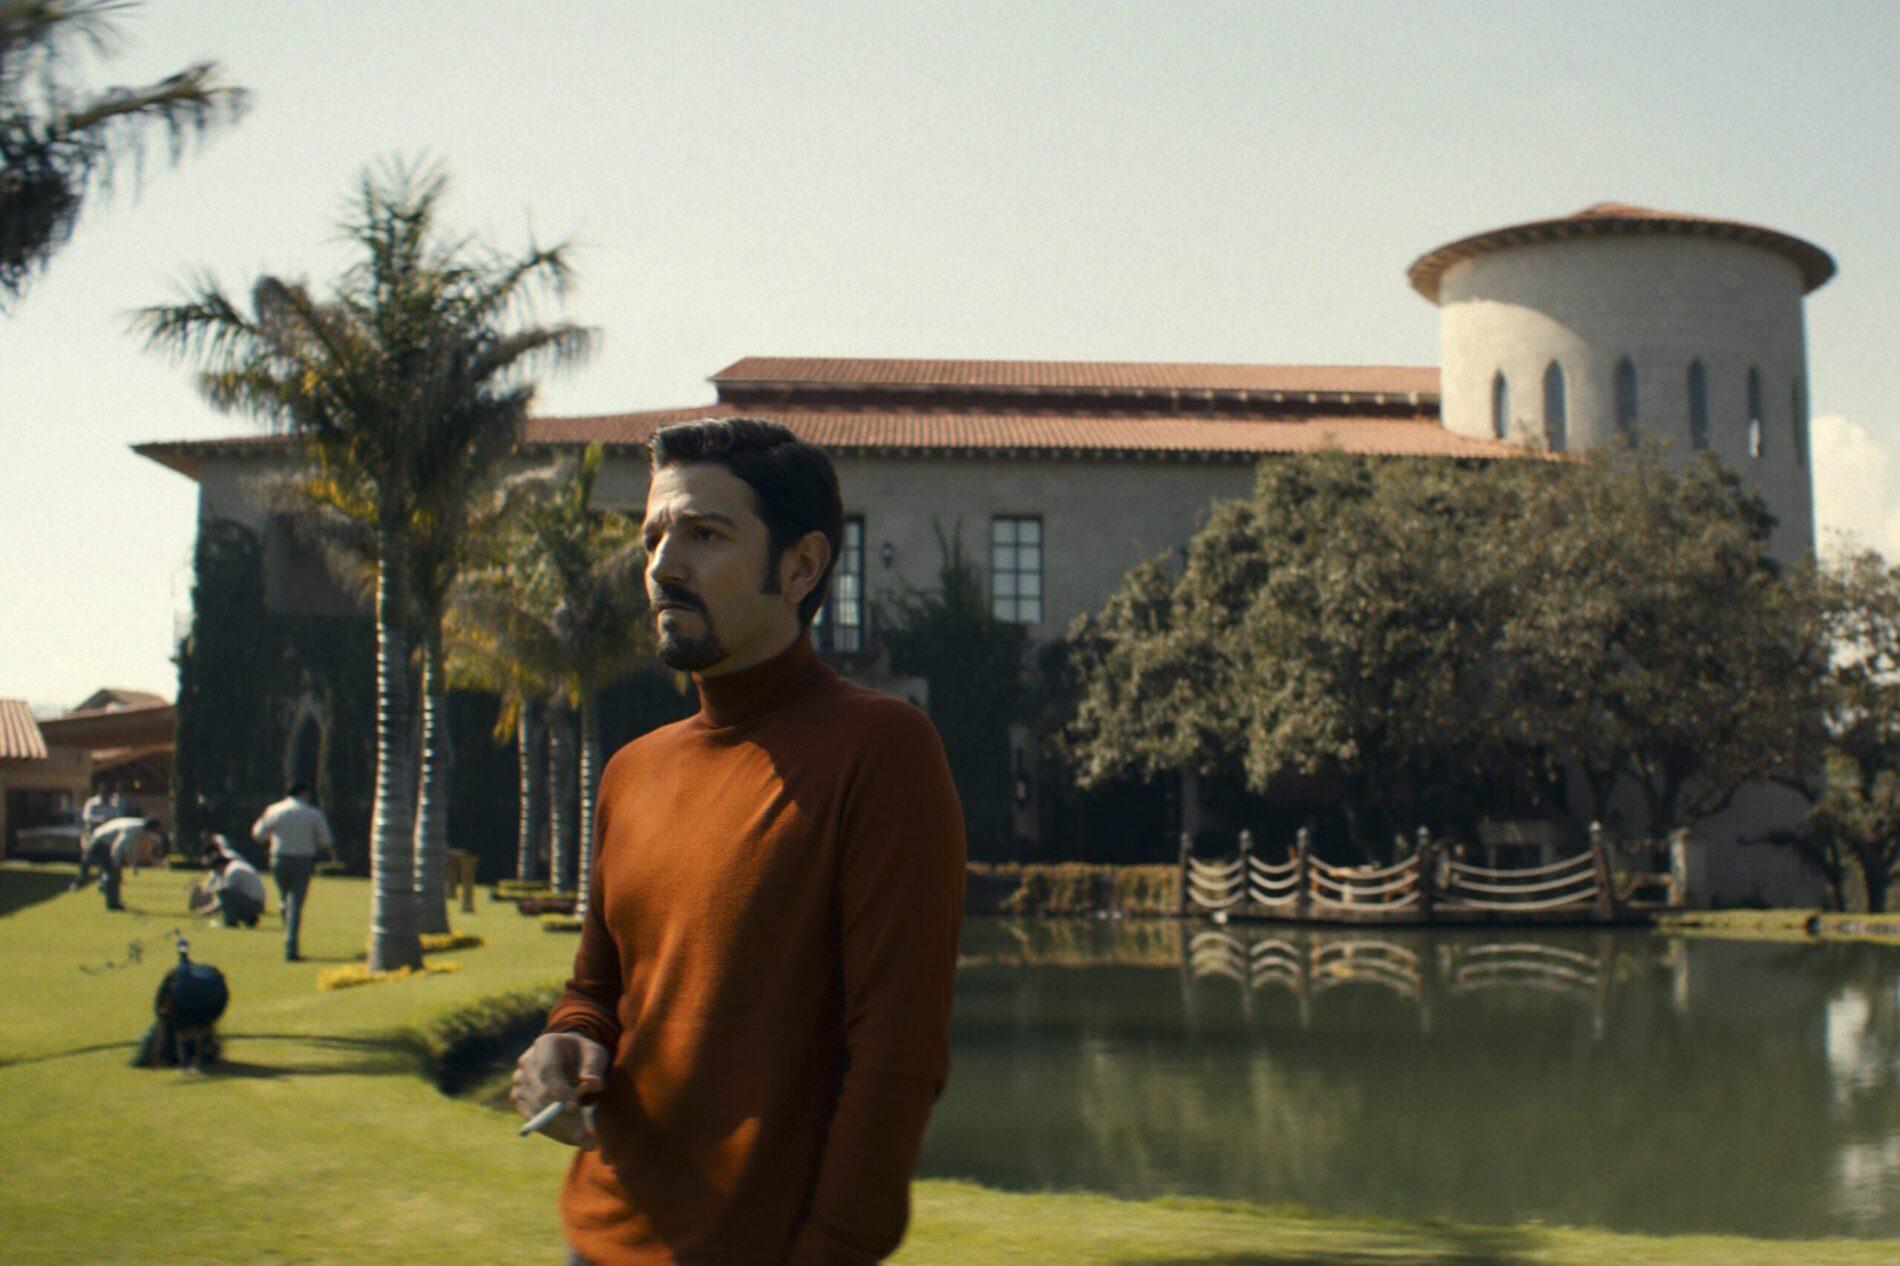 LA SEGUNDA TEMPORADA DE NARCOS: MÉXICO POR A&E